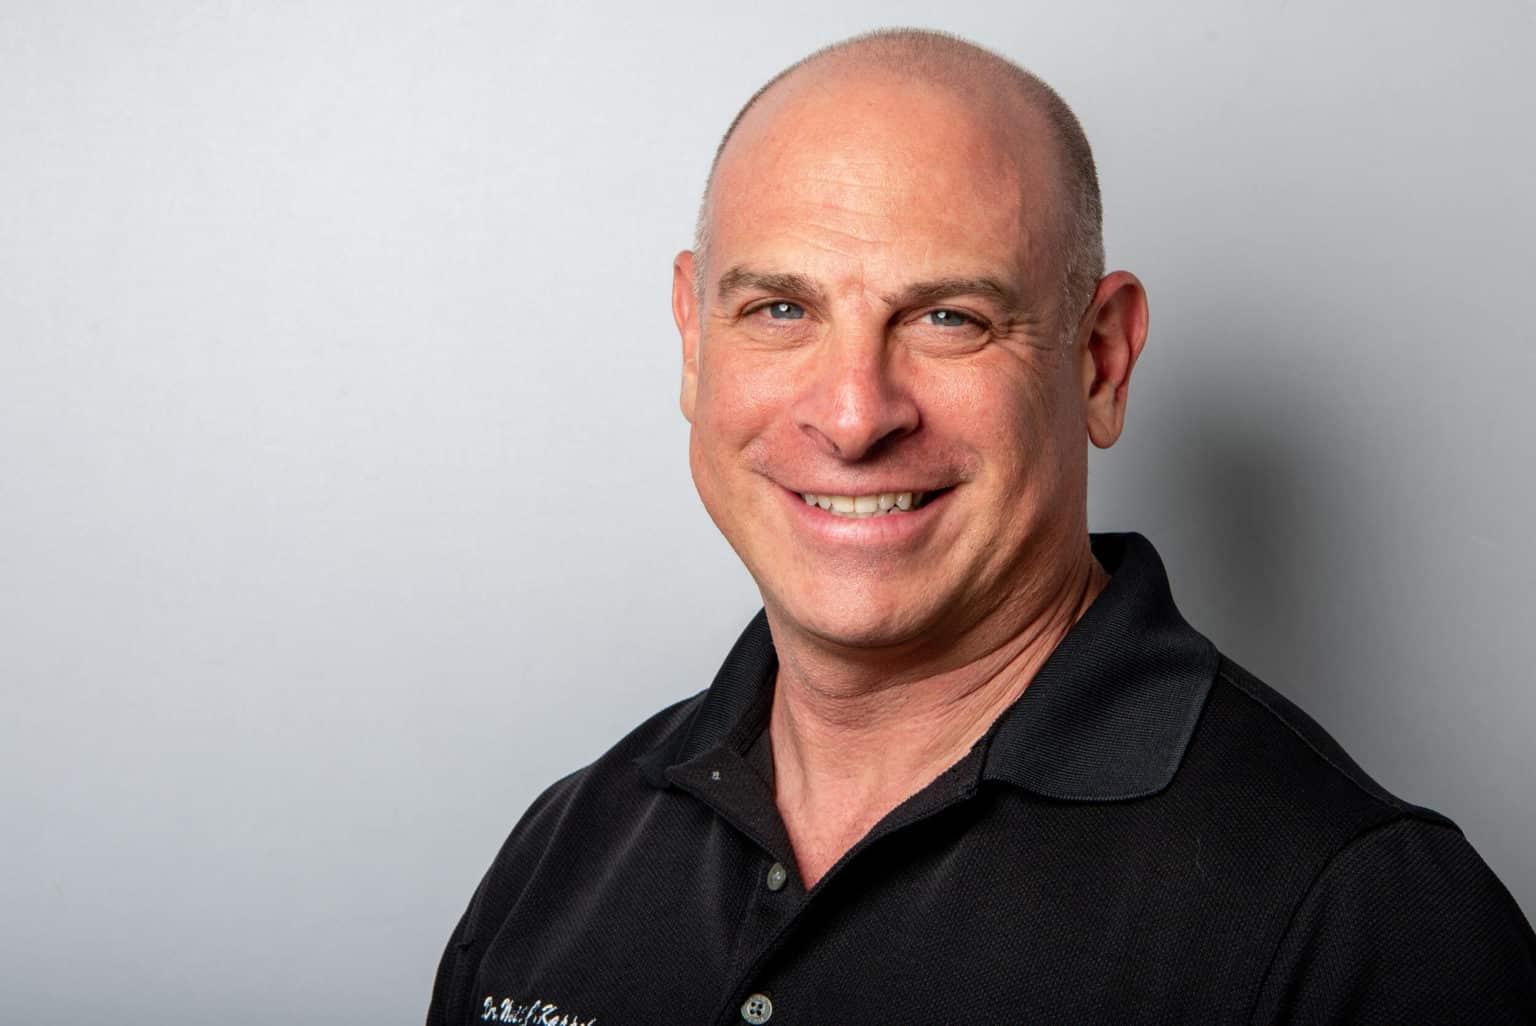 Dr. Neil Koppel